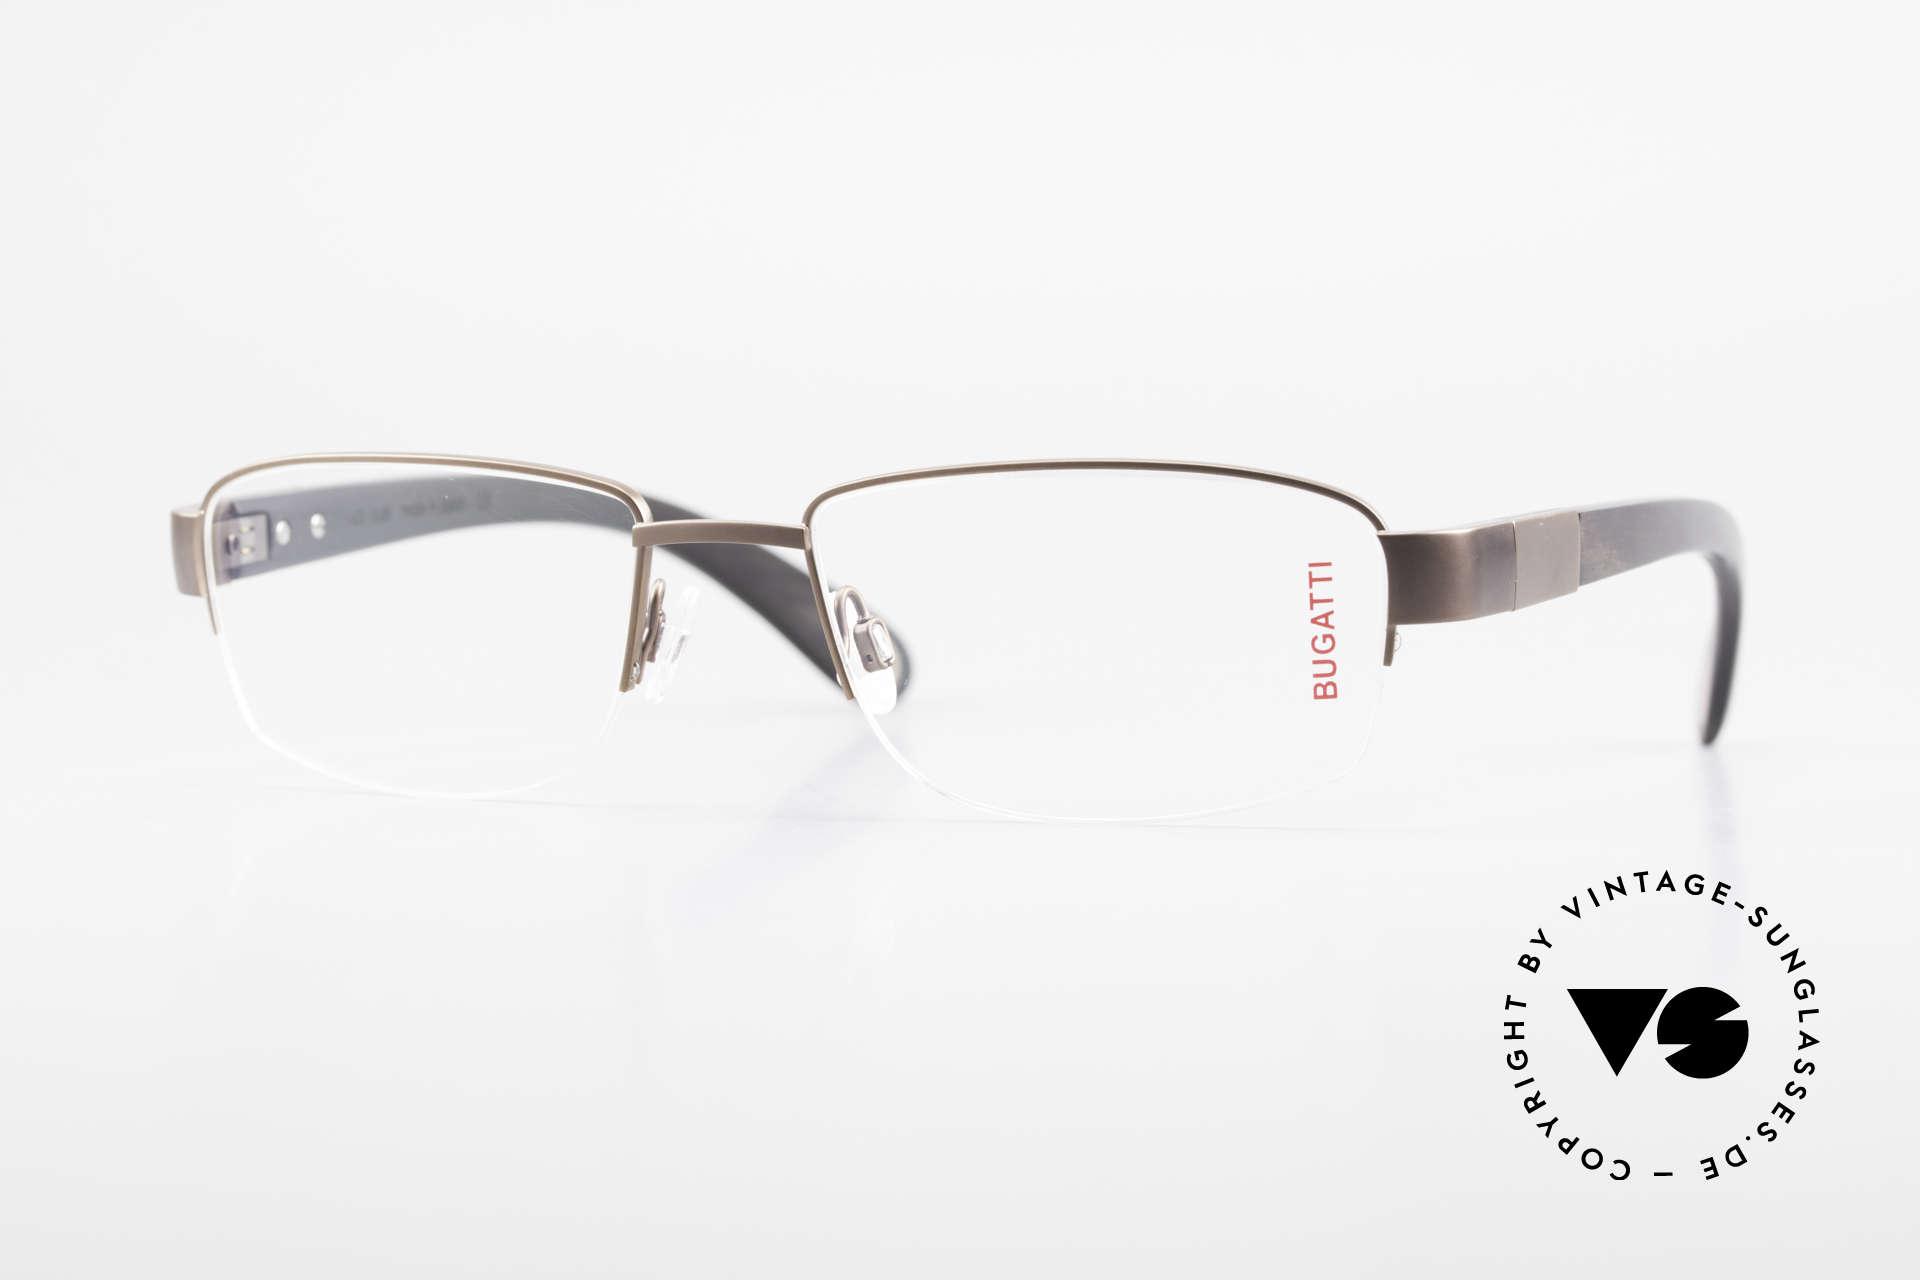 Bugatti 529 XL Ebenholz Titanium Brille, absolute LUXUS vintage Brillenfassung von Bugatti, Passend für Herren